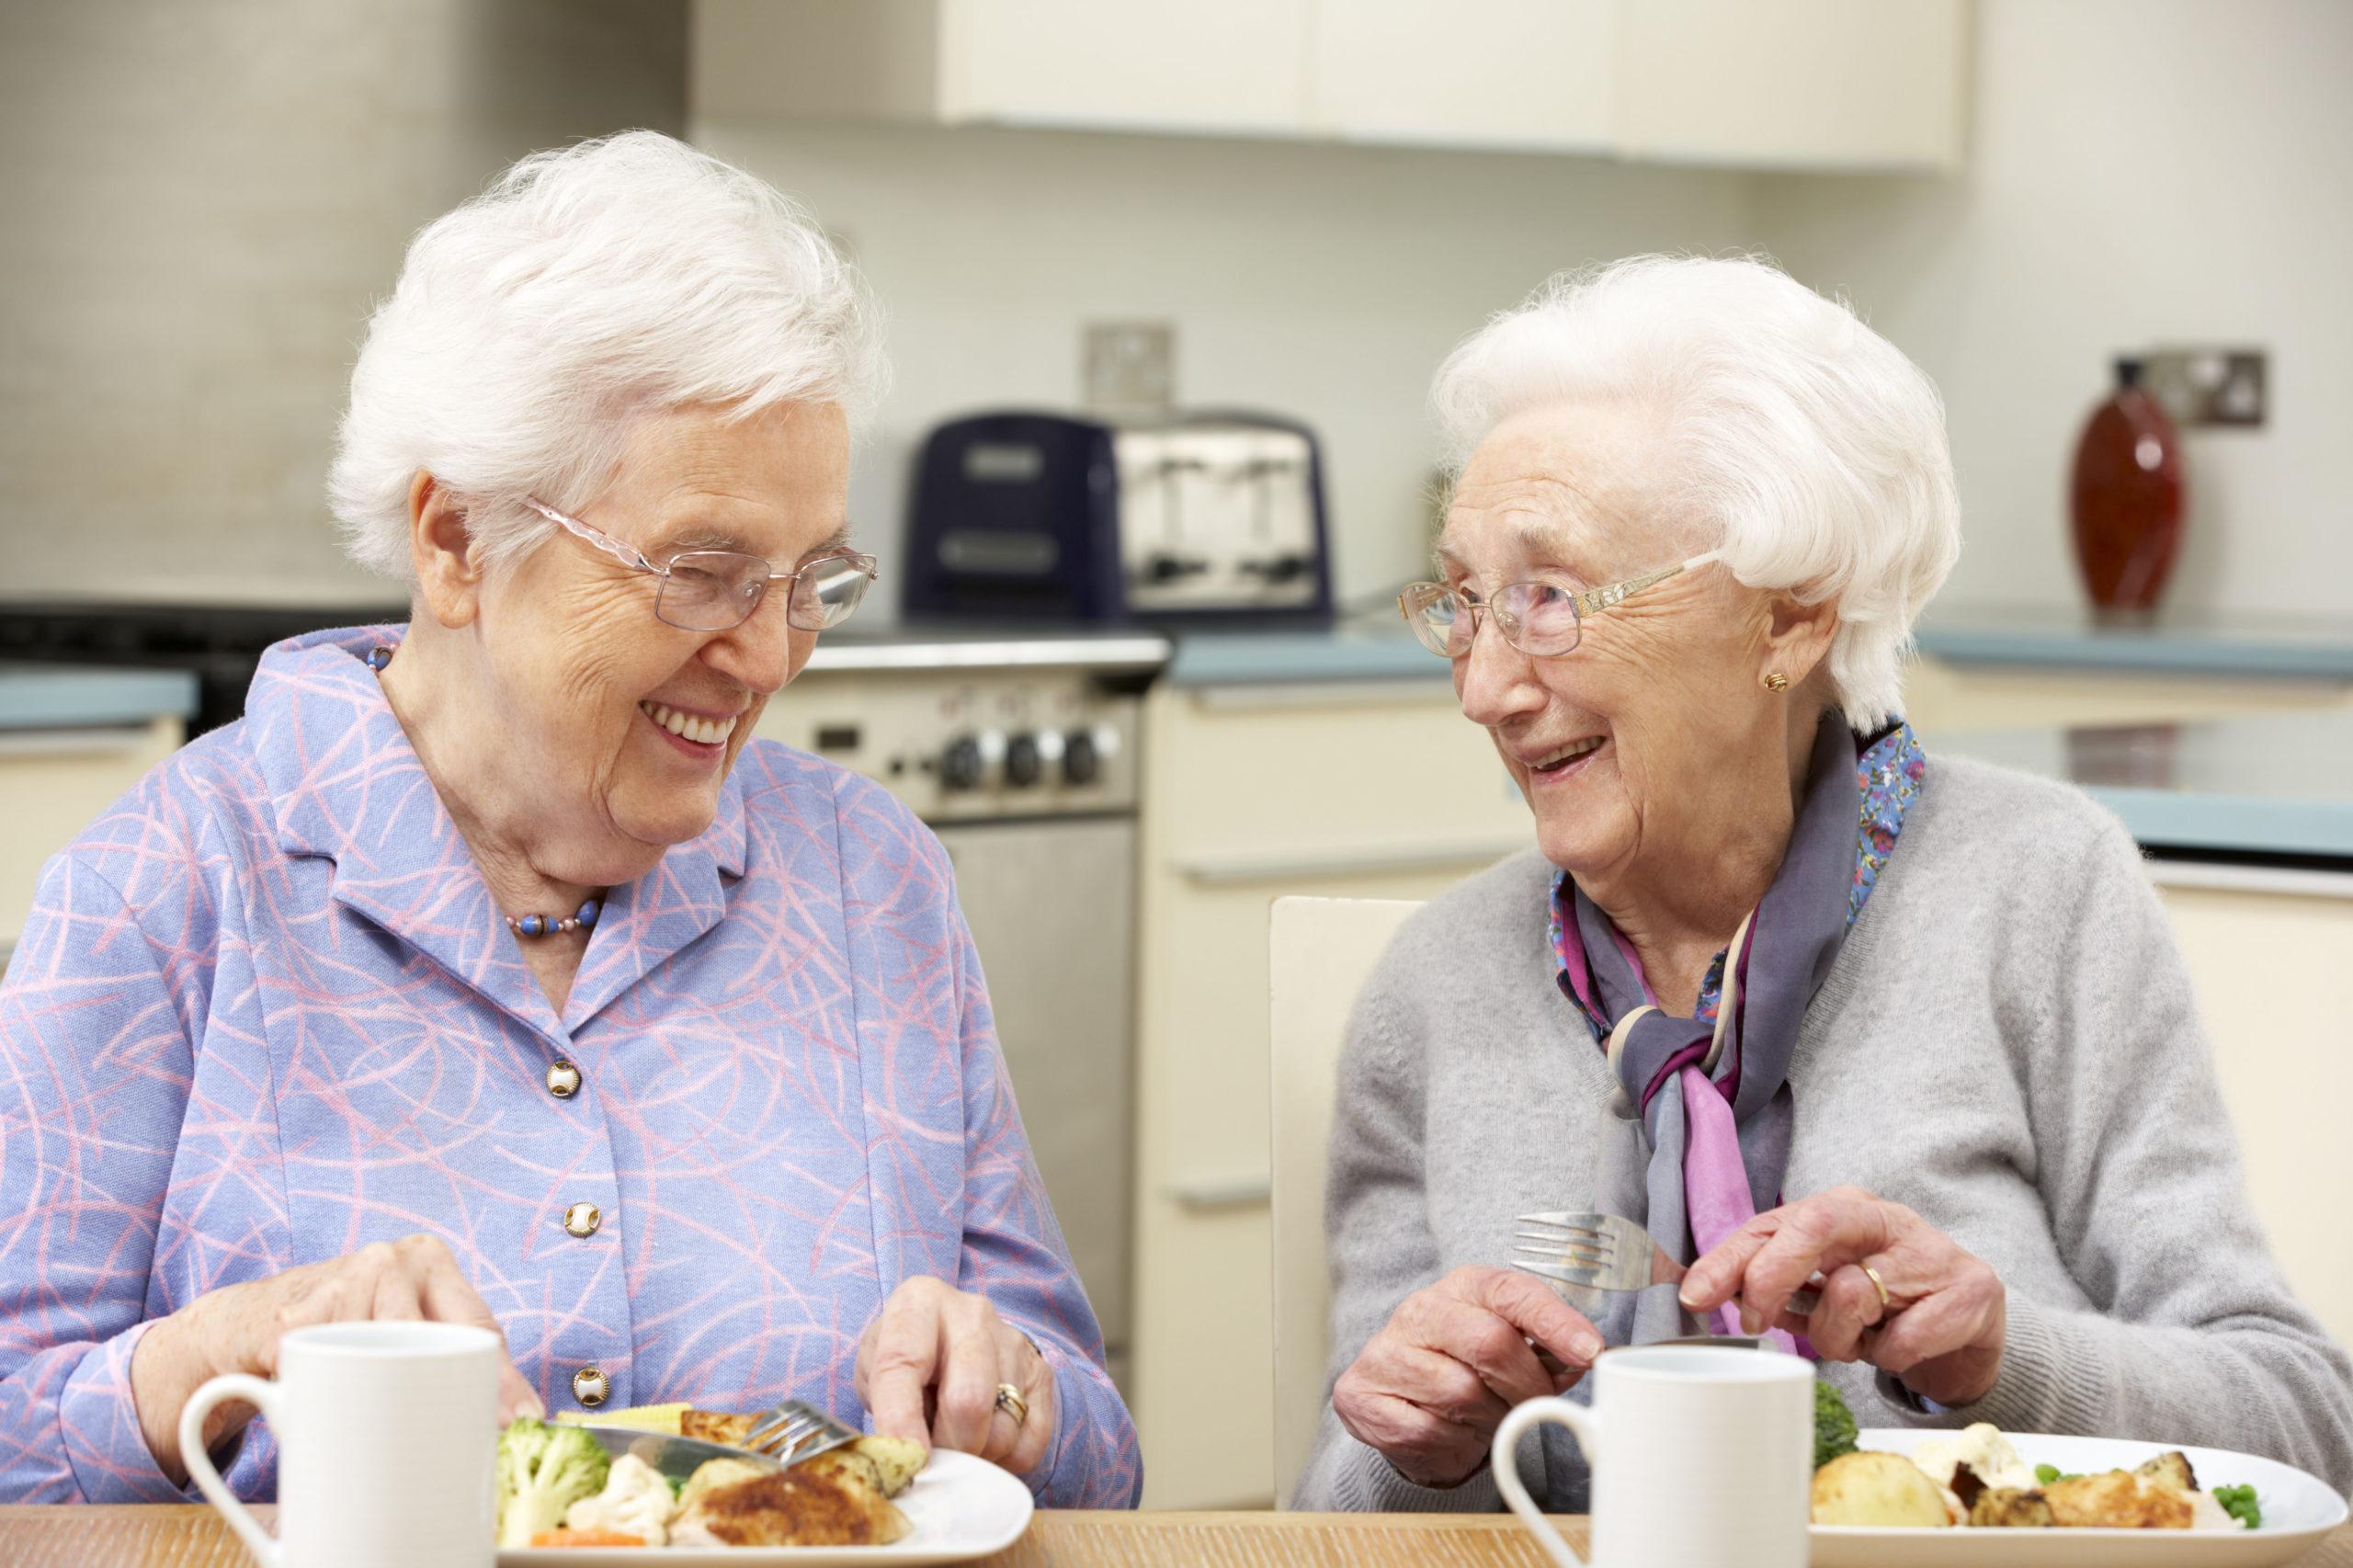 Ältere Menschen bekommen oft zu wenig Vitamine